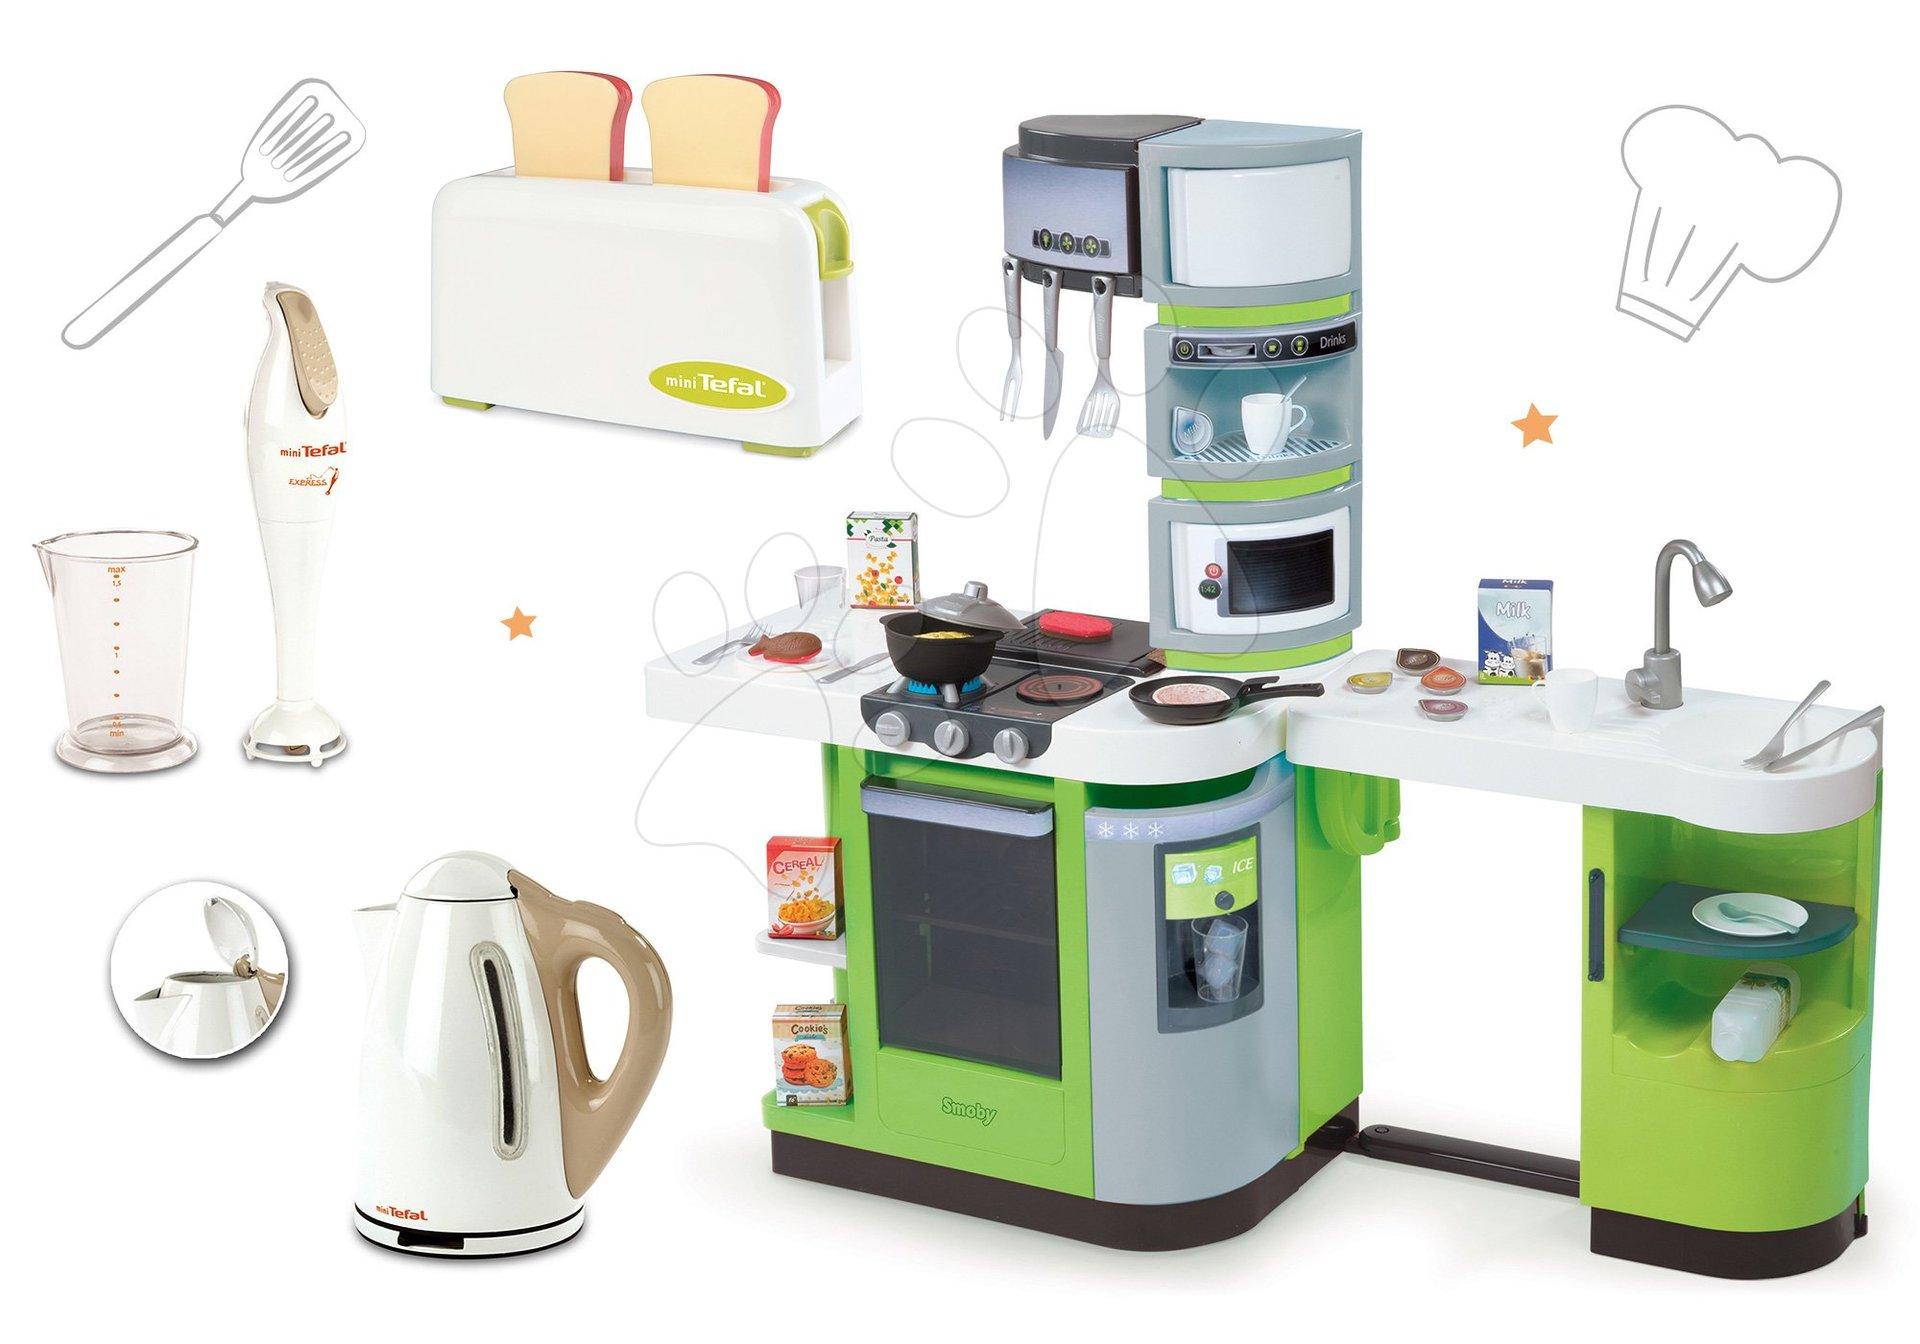 Smoby kuchynka CookMaster Verte a kuchynské spotrebiče 311102-4